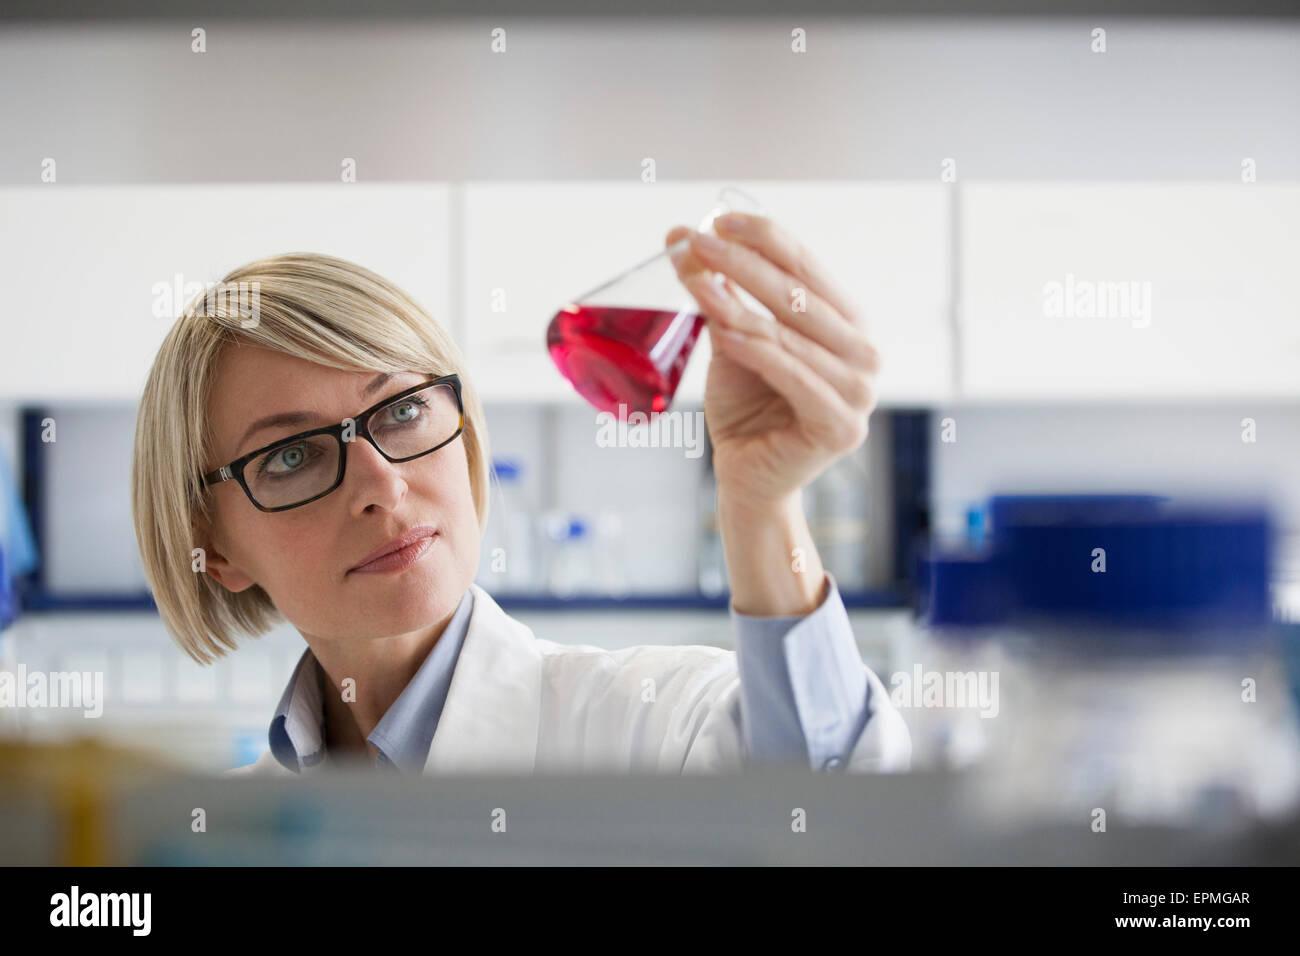 Wissenschaftler halten Erlenmeyerkolben im Labor Stockbild